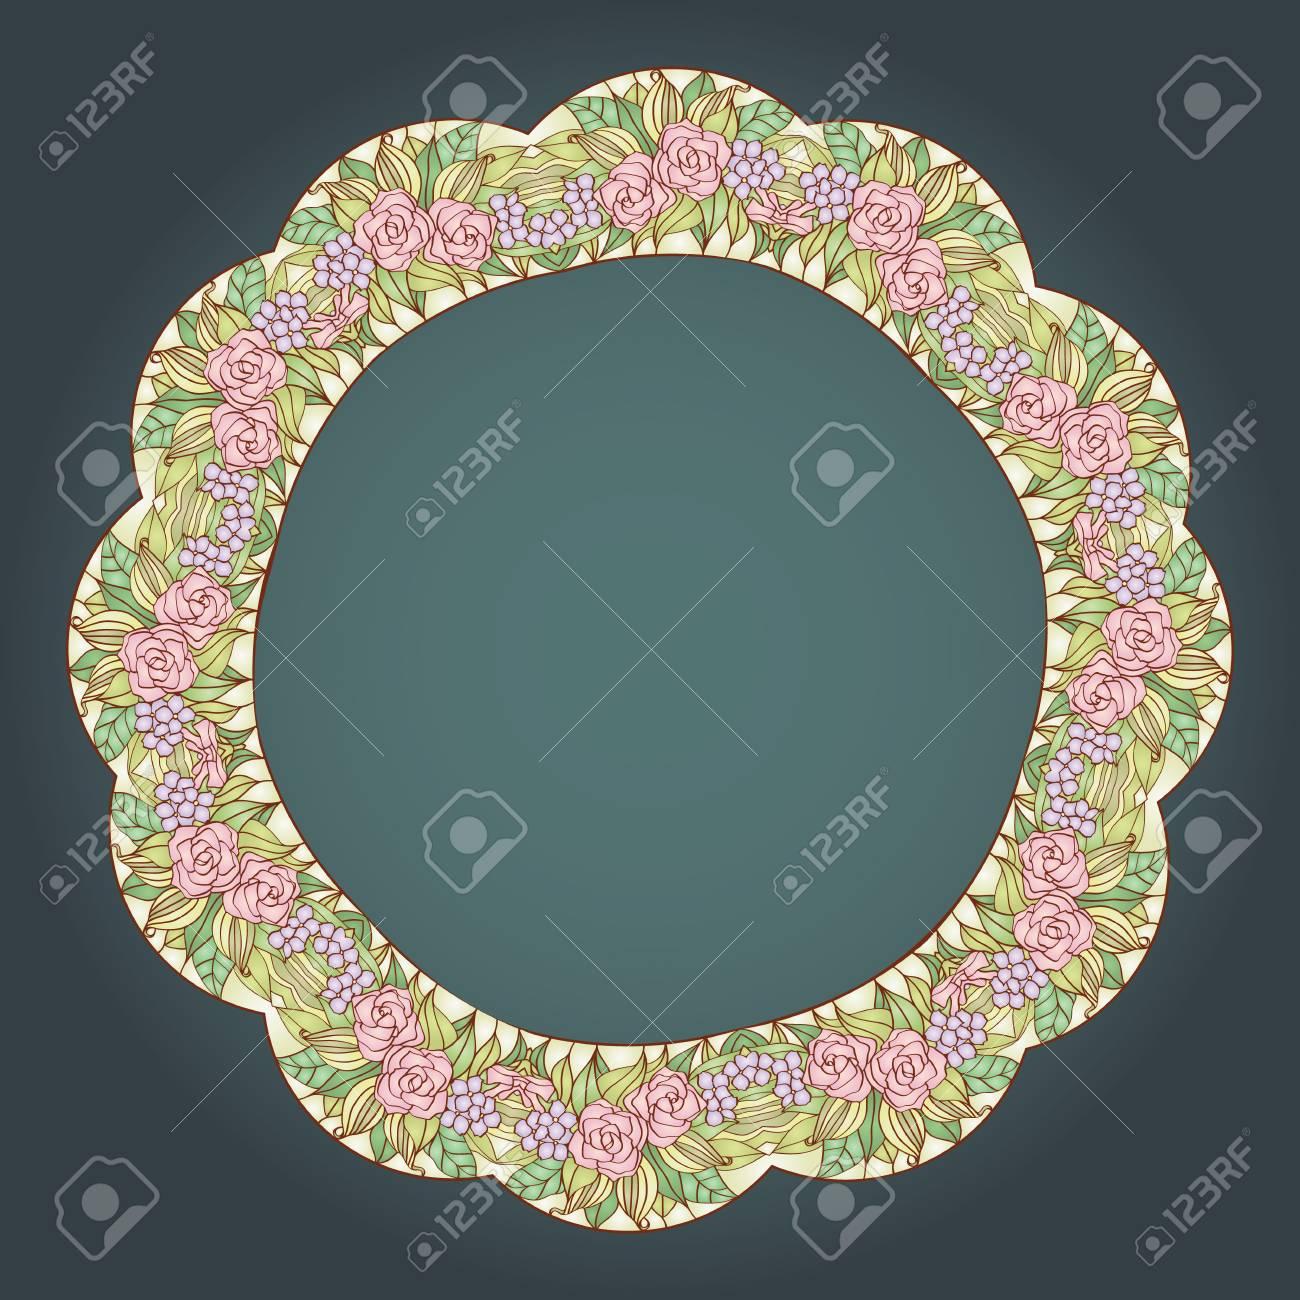 29d066caa33 Vintage Art Nouveau Floral Rose Wreath Frame Royalty Free Cliparts ...